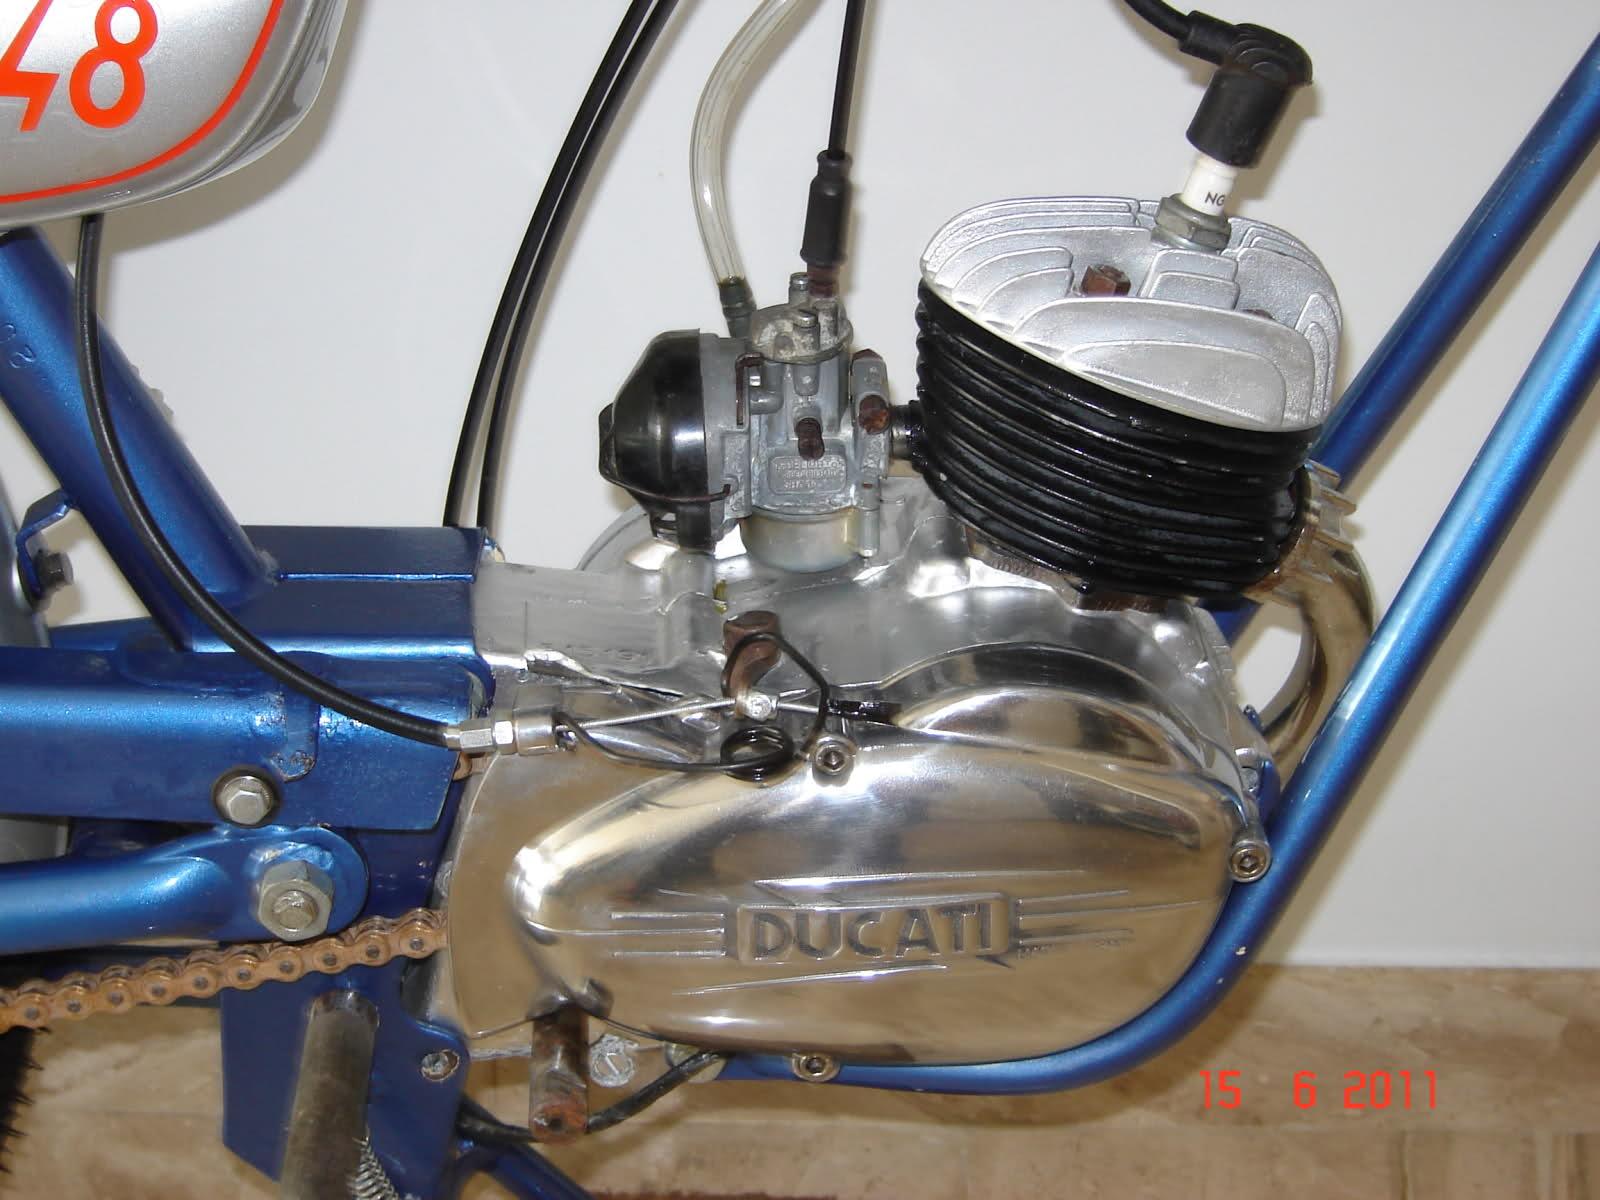 Mi Ducati 48 Sport W2d9ts